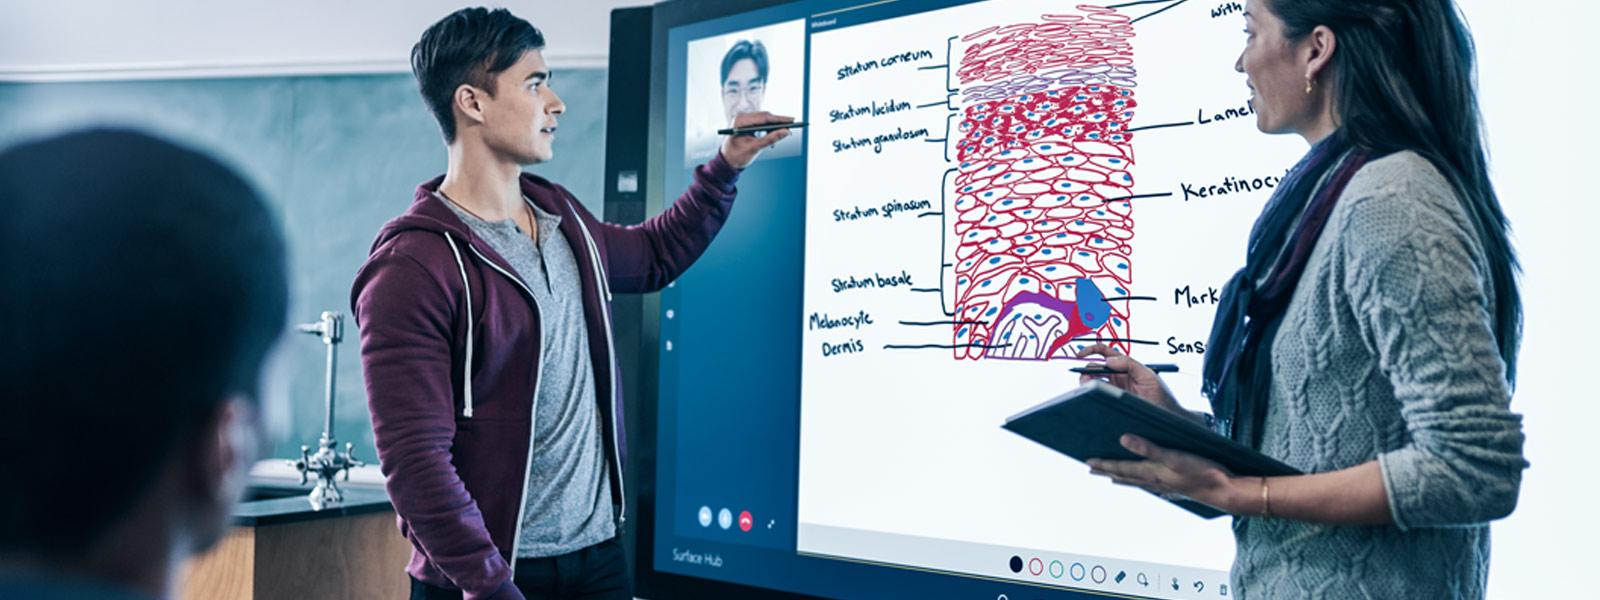 : Kaksi opiskelijaa käyttämässä Surface-kynää Surface Hubin näytössä olevassa Skypessä ja Microsoft Luonnoslehtiössä luokkahuoneessa.